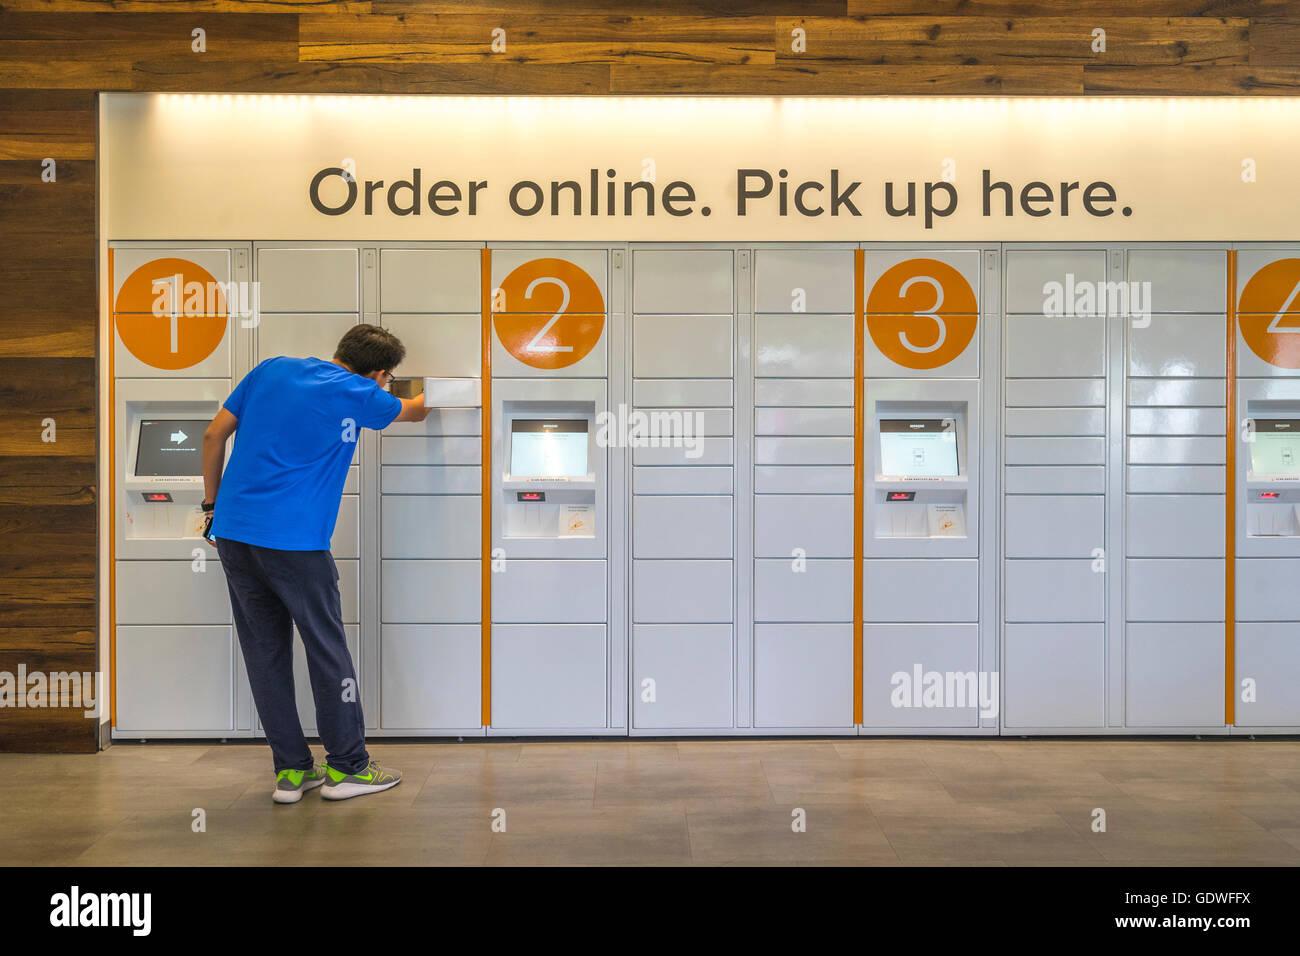 El hombre llega en un locker de ecommerce para conseguir un paquete ordenó online Imagen De Stock